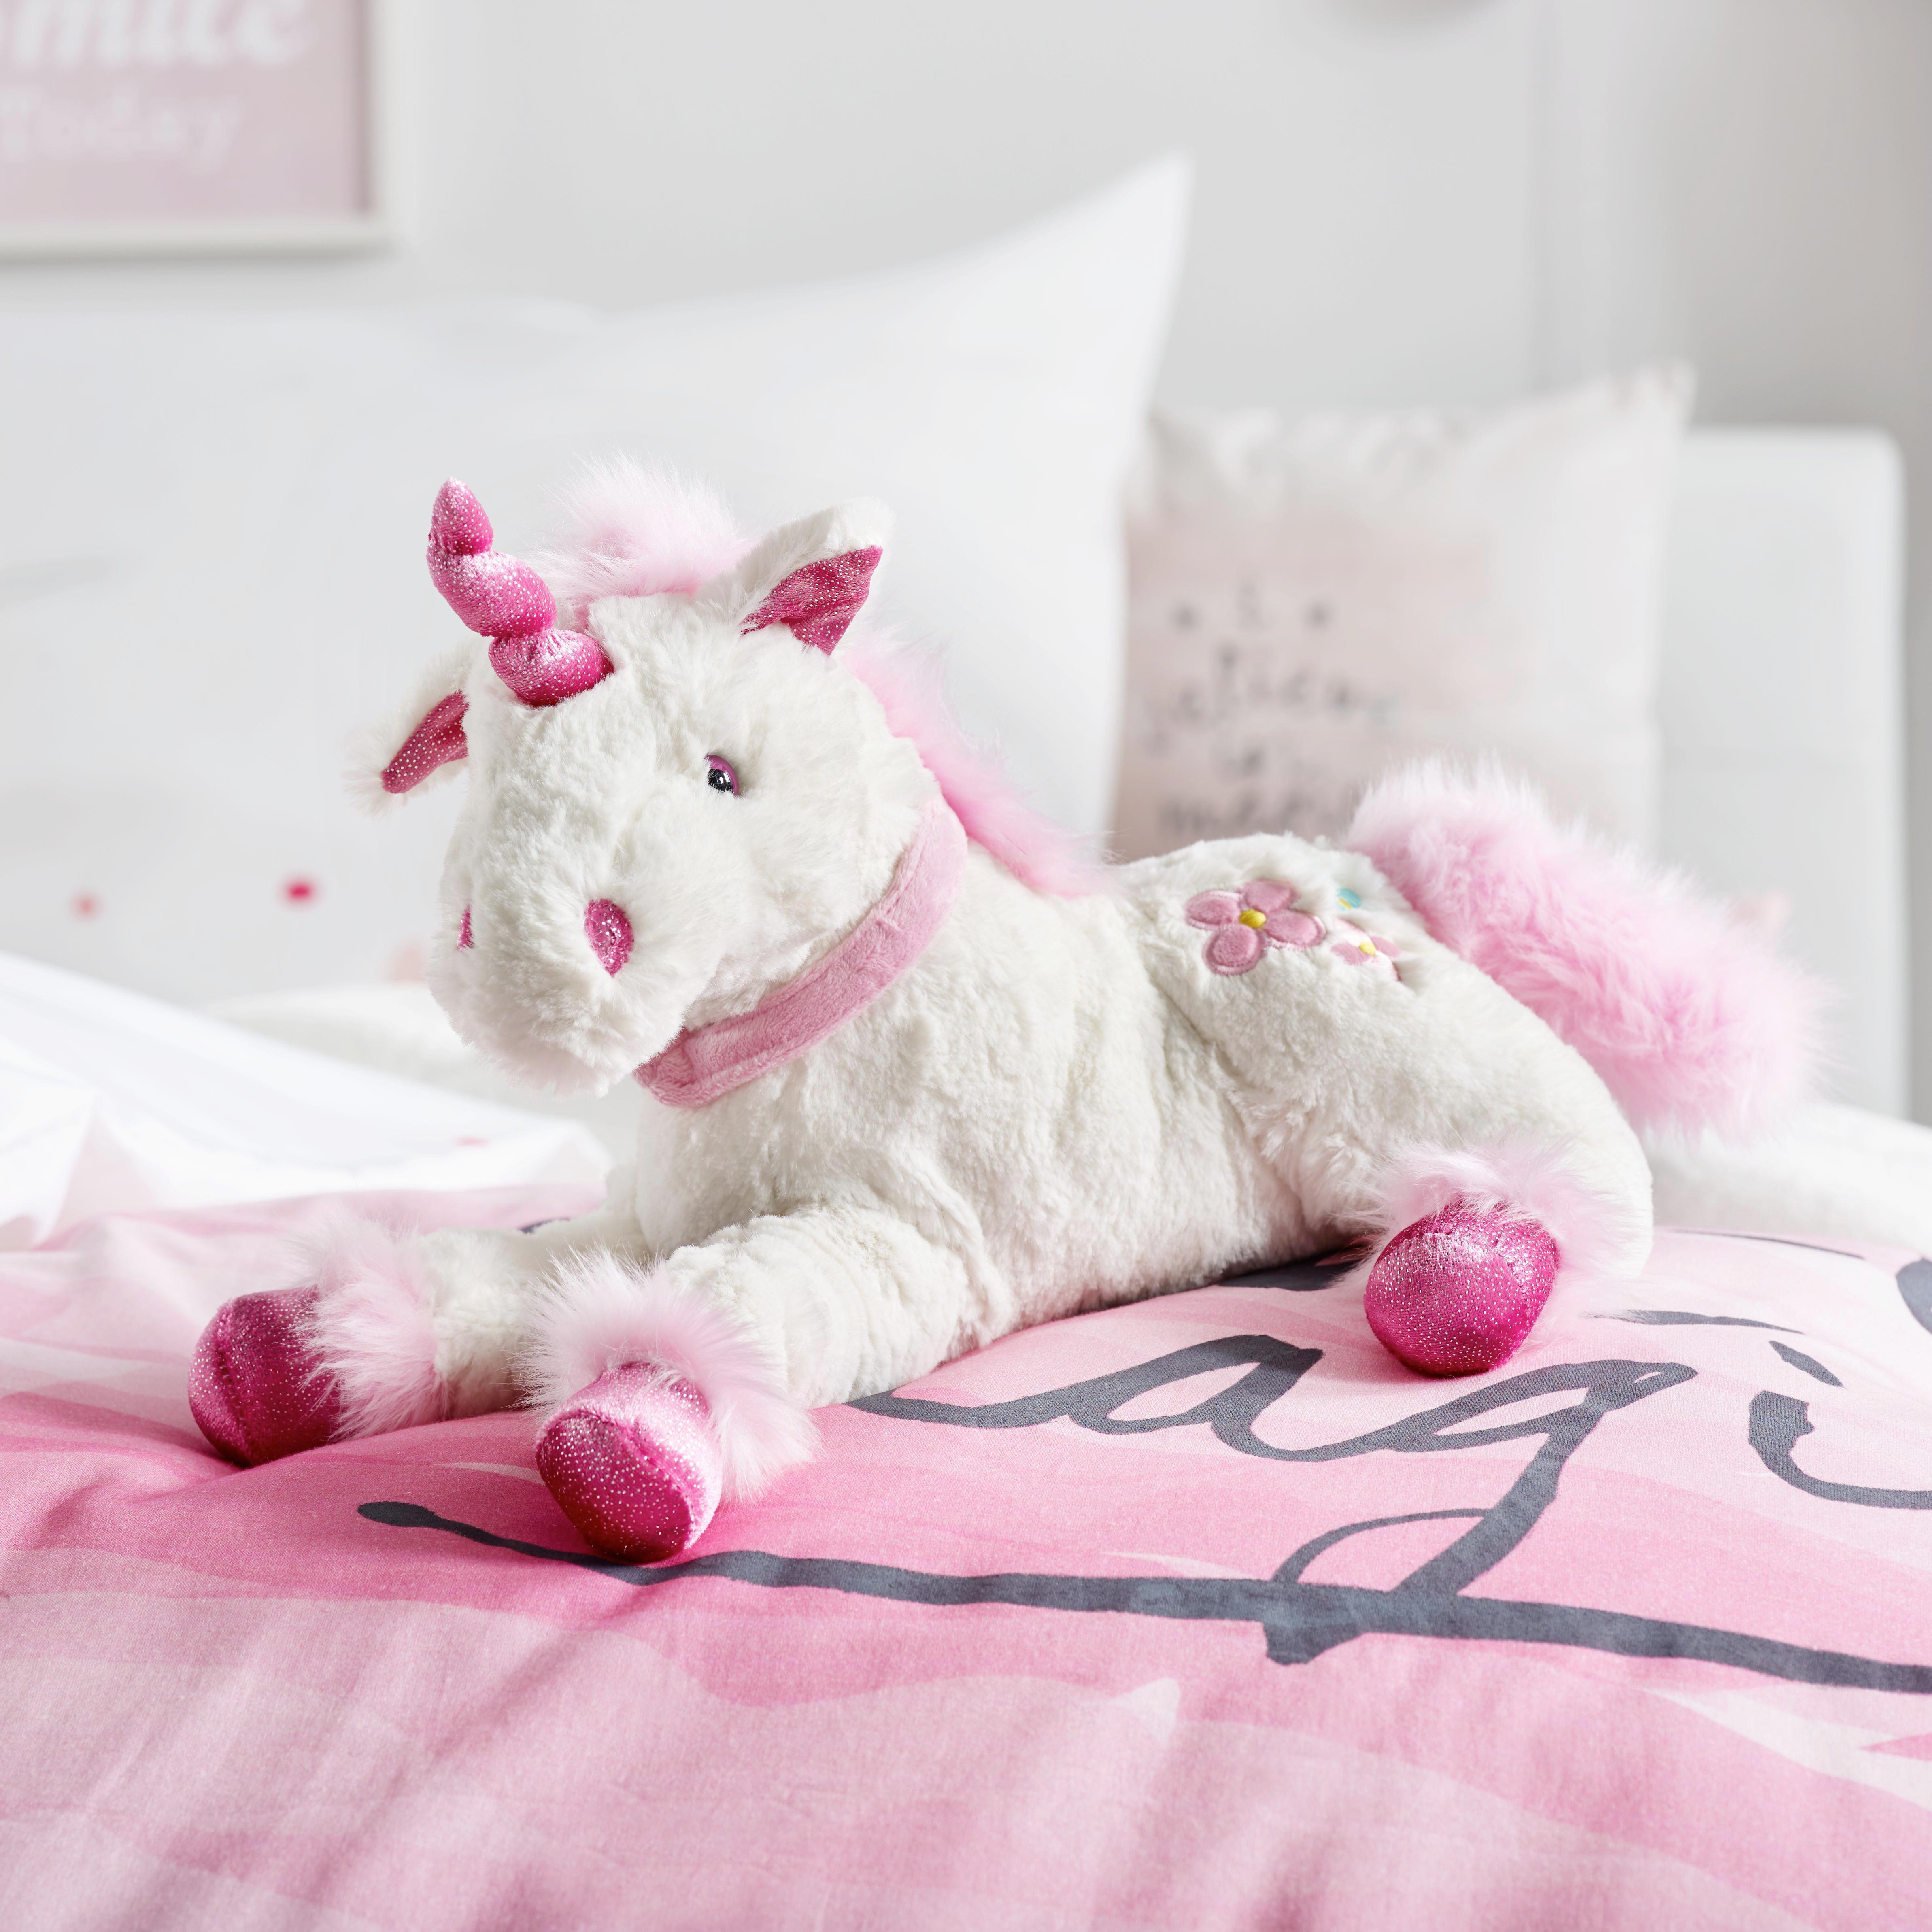 Plüschtier Feemi in Weiß/pink - Weiß, LIFESTYLE, Textil (35cm) - MÖMAX modern living